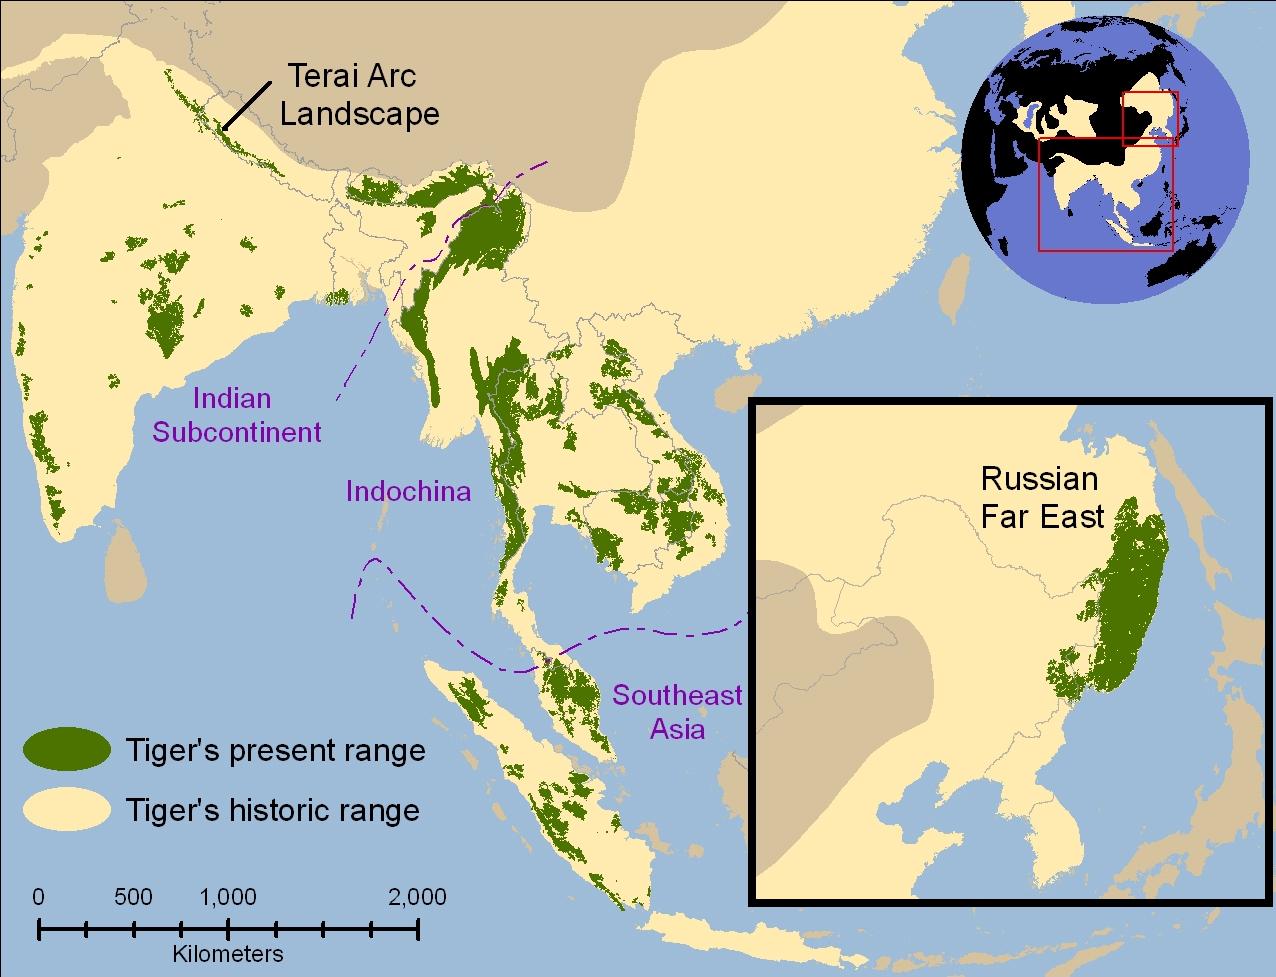 Historical range of tiger (1850) vs the current range (2006) of tiger